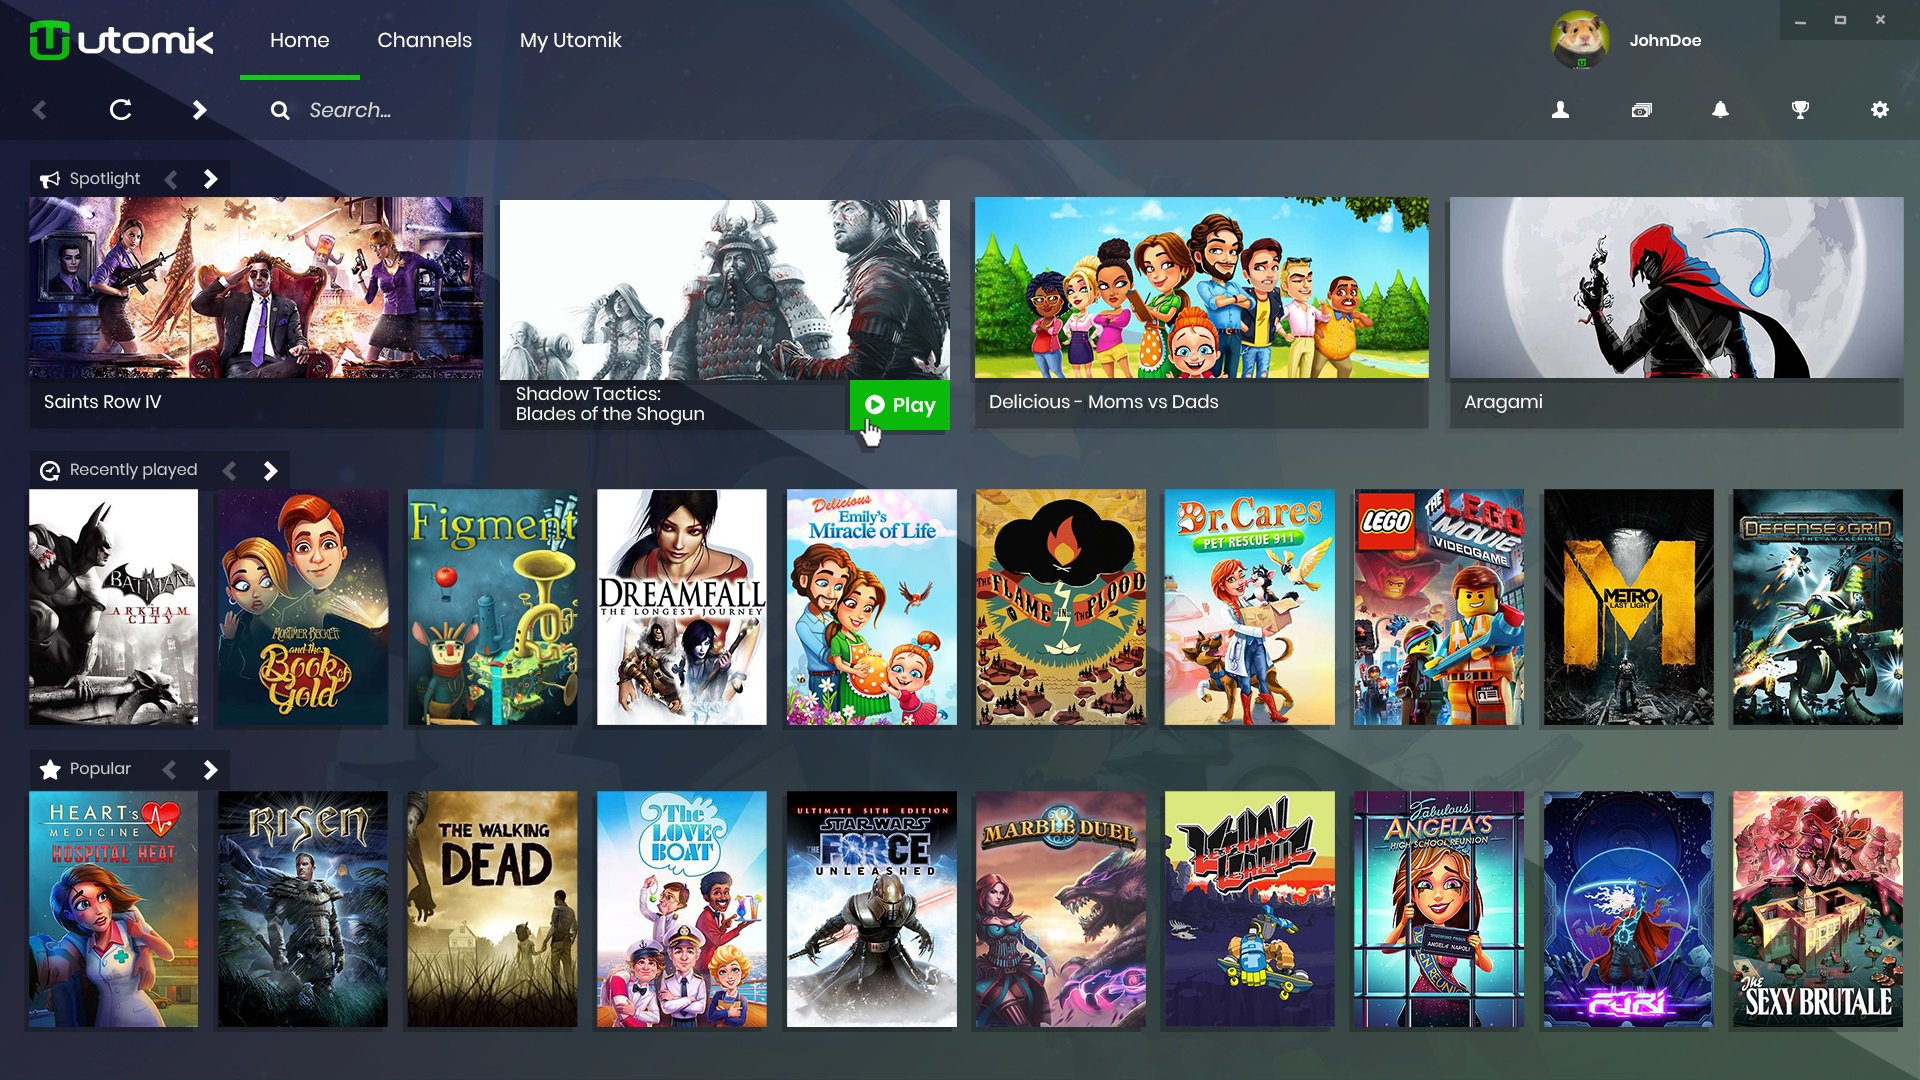 Utomik 0.54.0.0 - Télécharger Pour Pc Gratuitement intérieur Jeux Video Gratuit A Telecharger Pour Pc